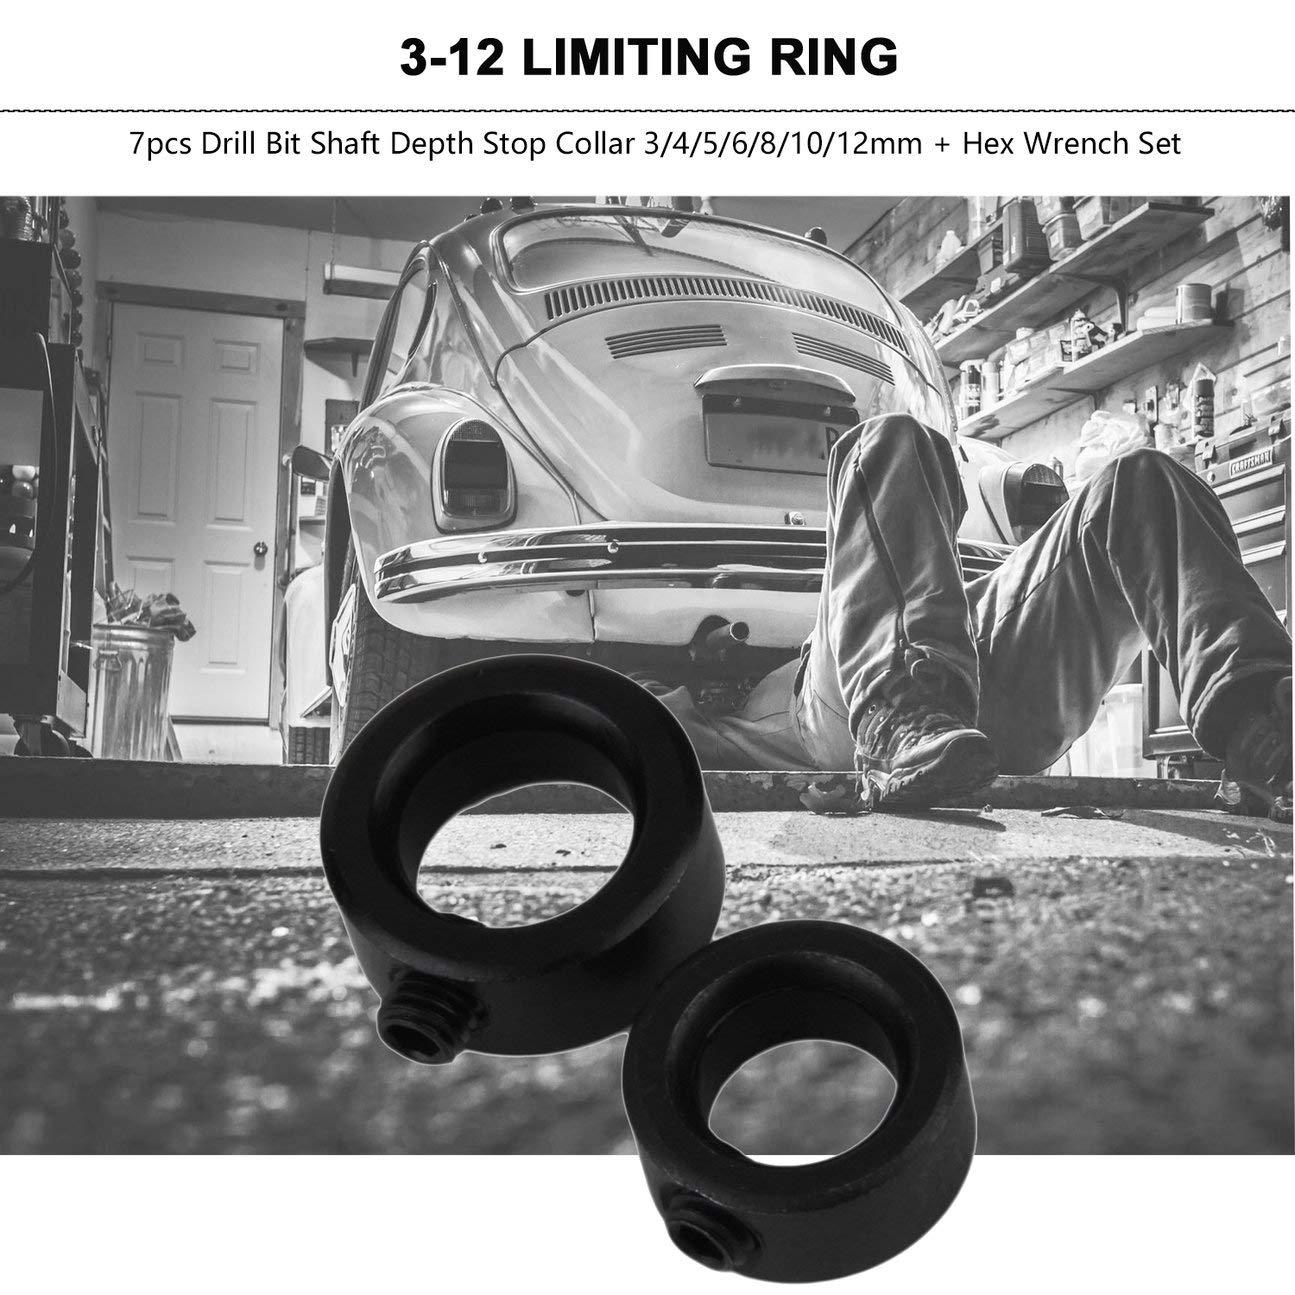 COLOR: negro Durable 7 piezas Broca para carpinter/ía Profundidad de eje Collares de tope Posicionador de anillo Localizador Taladros Dispositivo de sujeci/ón 3-12 mm